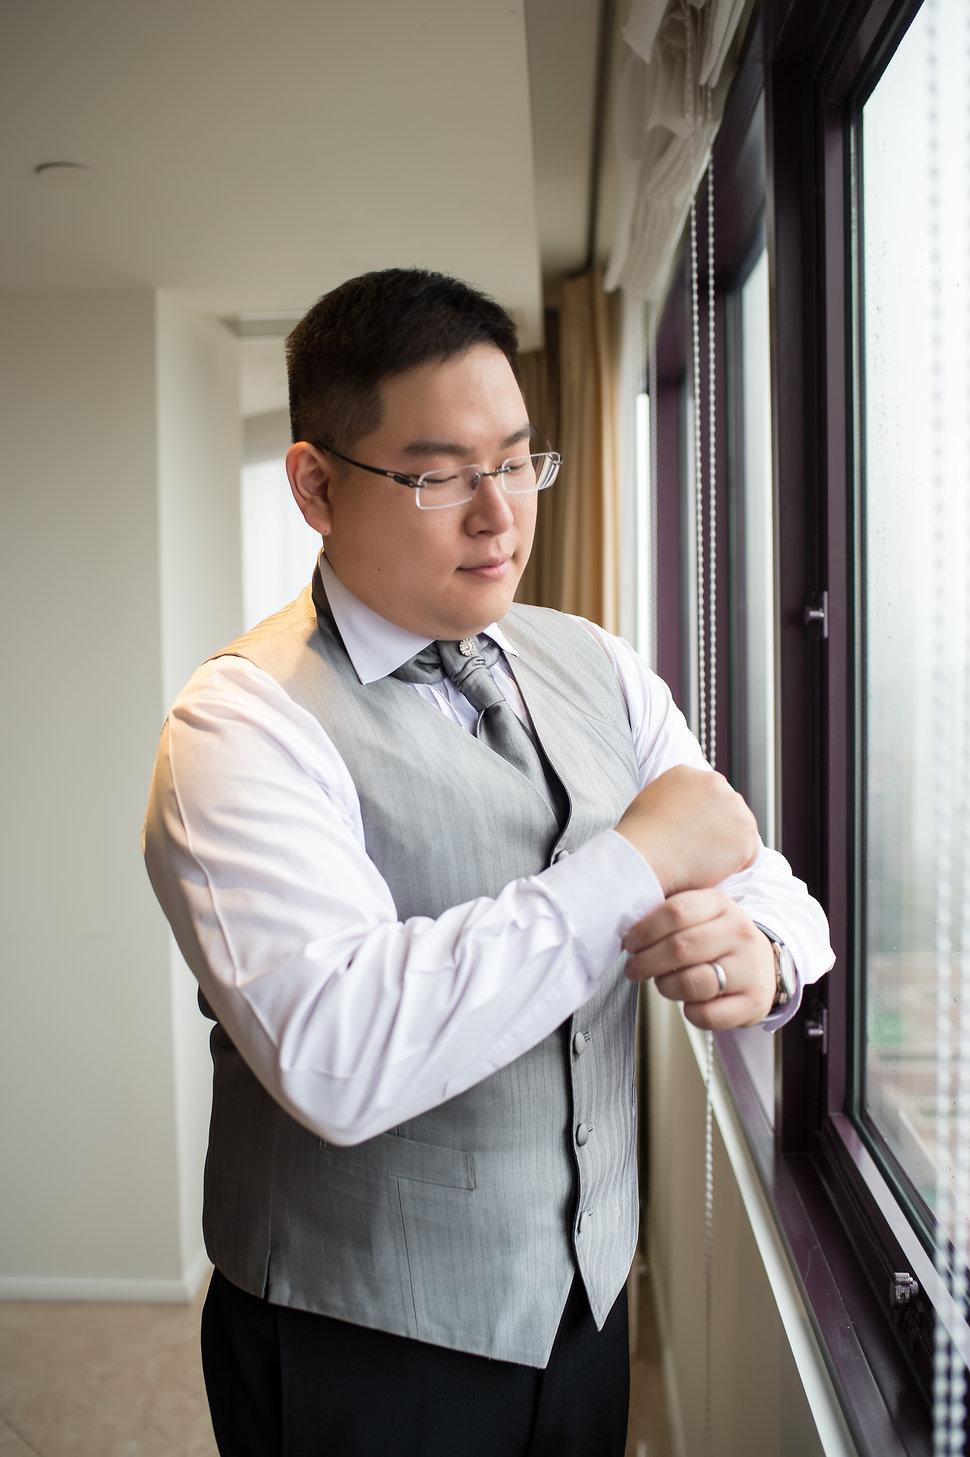 [台北婚攝] 文定婚禮紀錄 台北君悅酒店(編號:432007) - Allen影像團隊 Love Story - 結婚吧